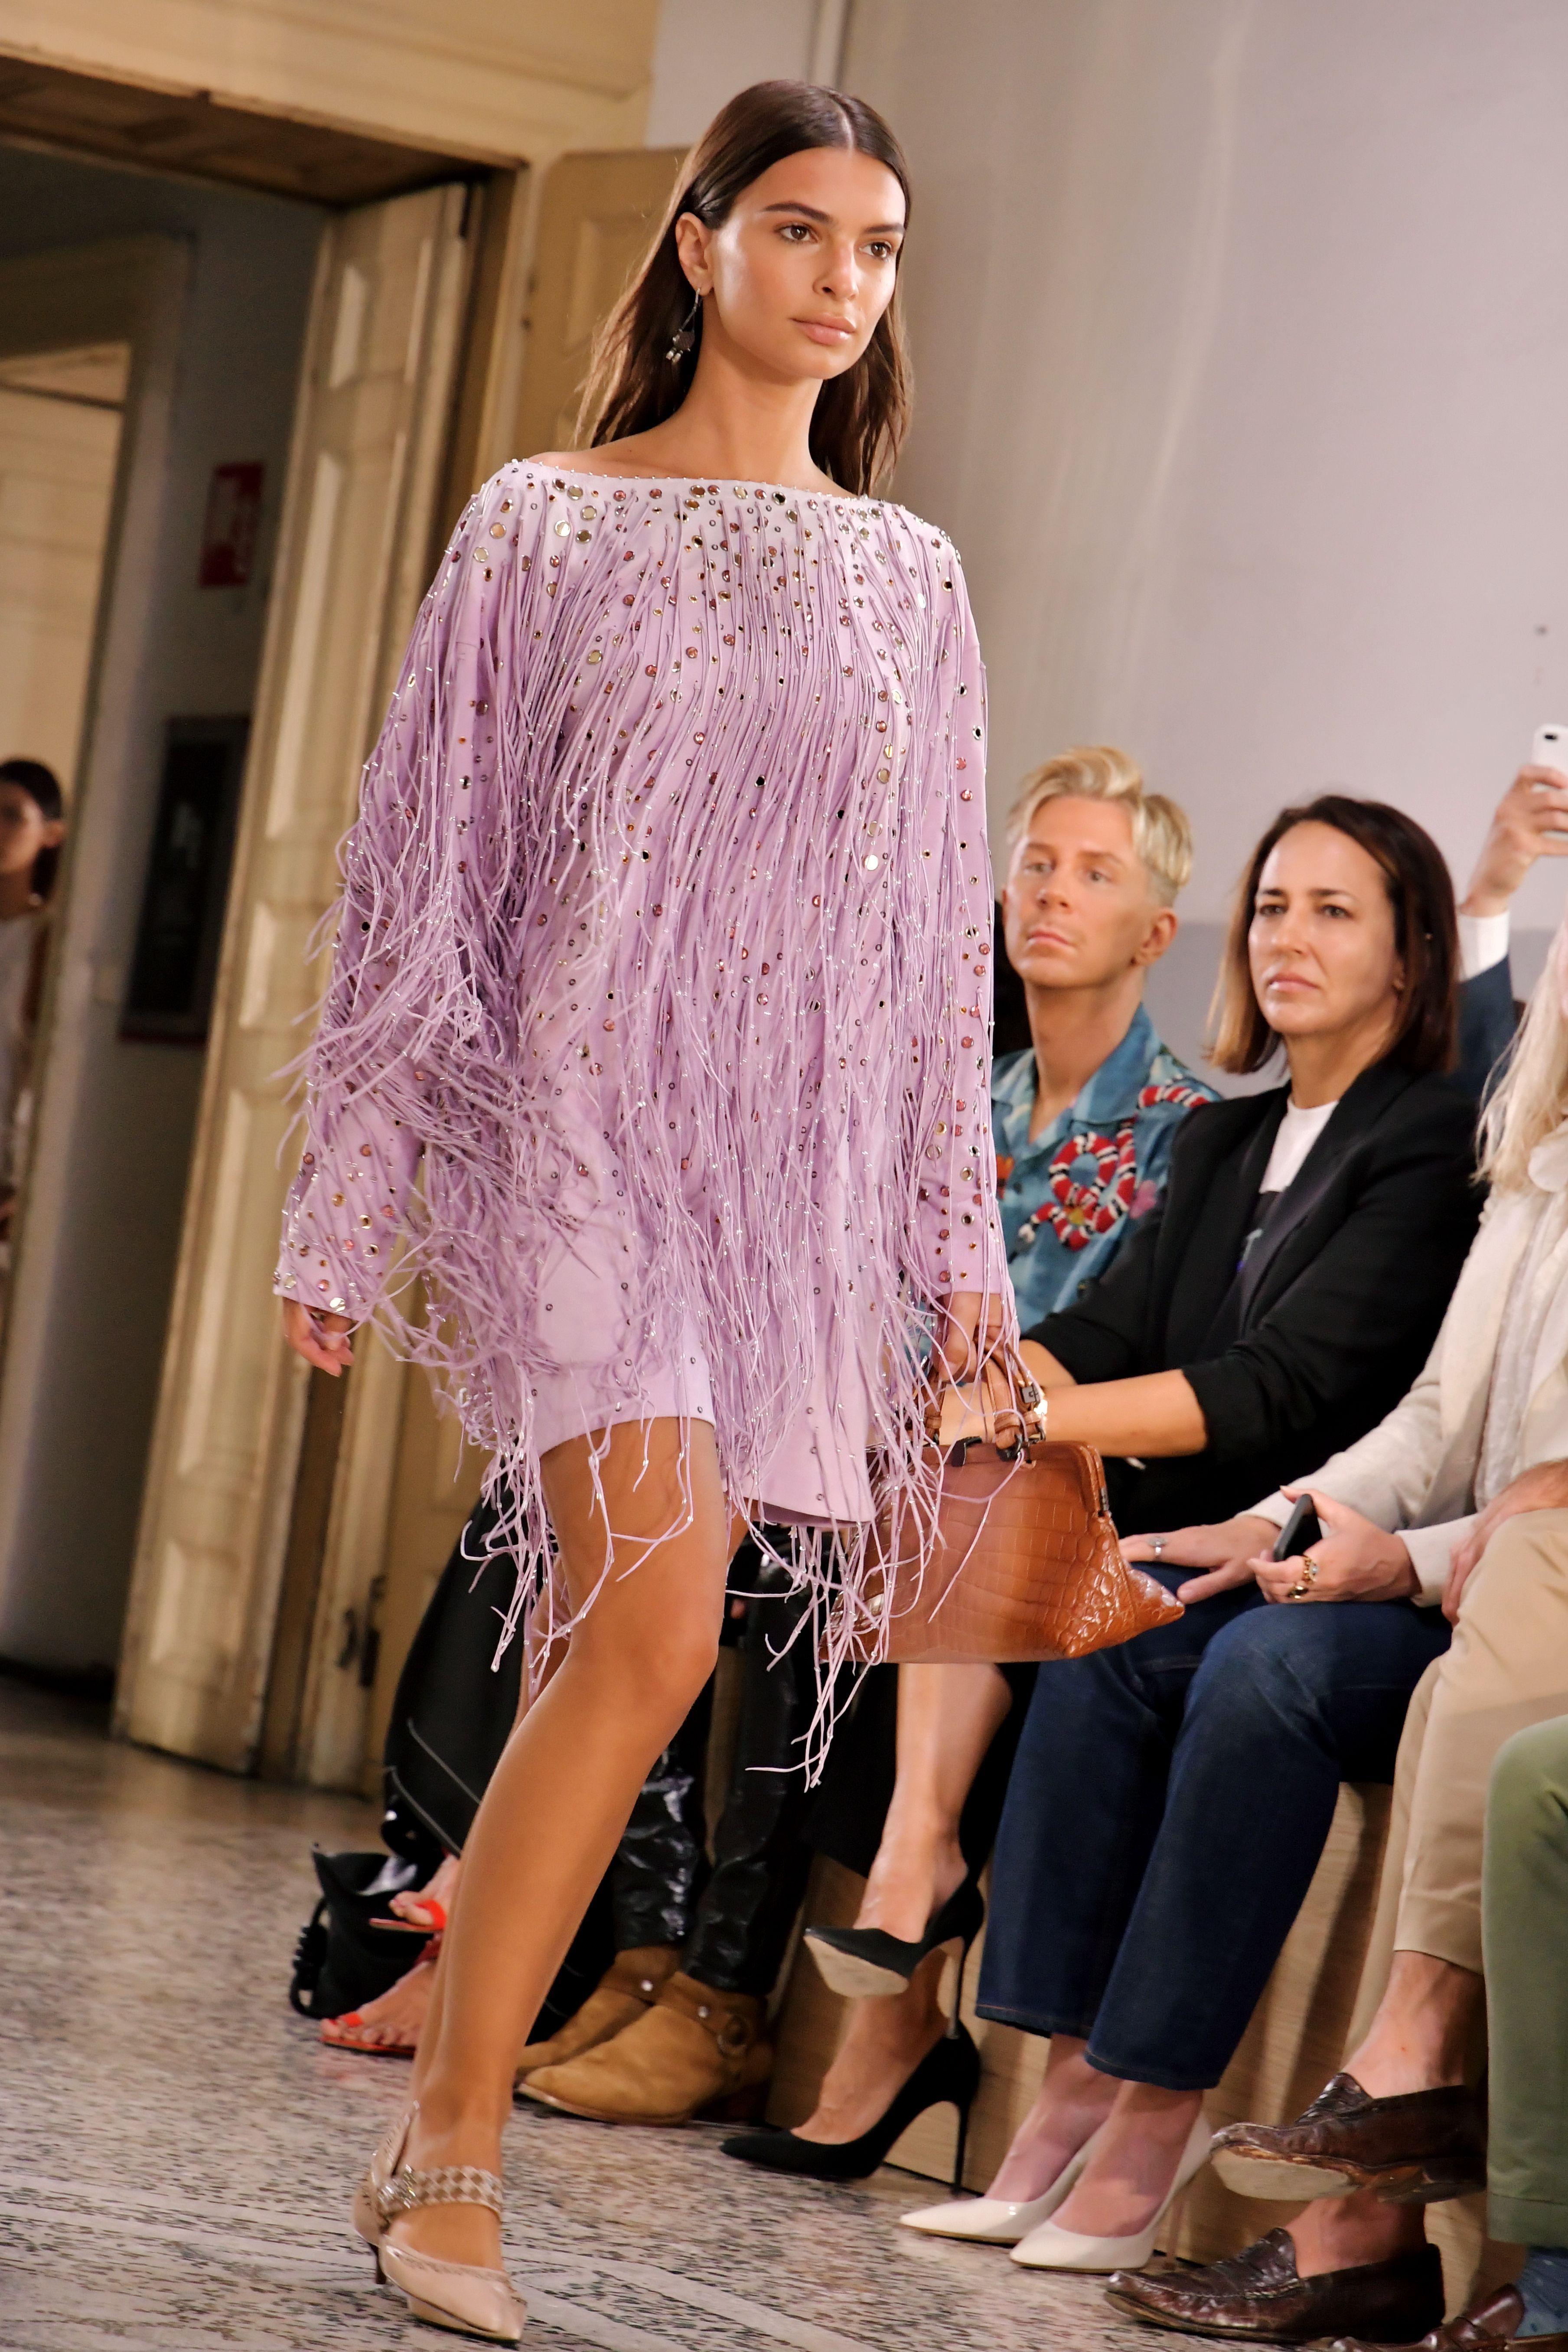 Pin de Julieta Montenegro en Rumway | Pinterest